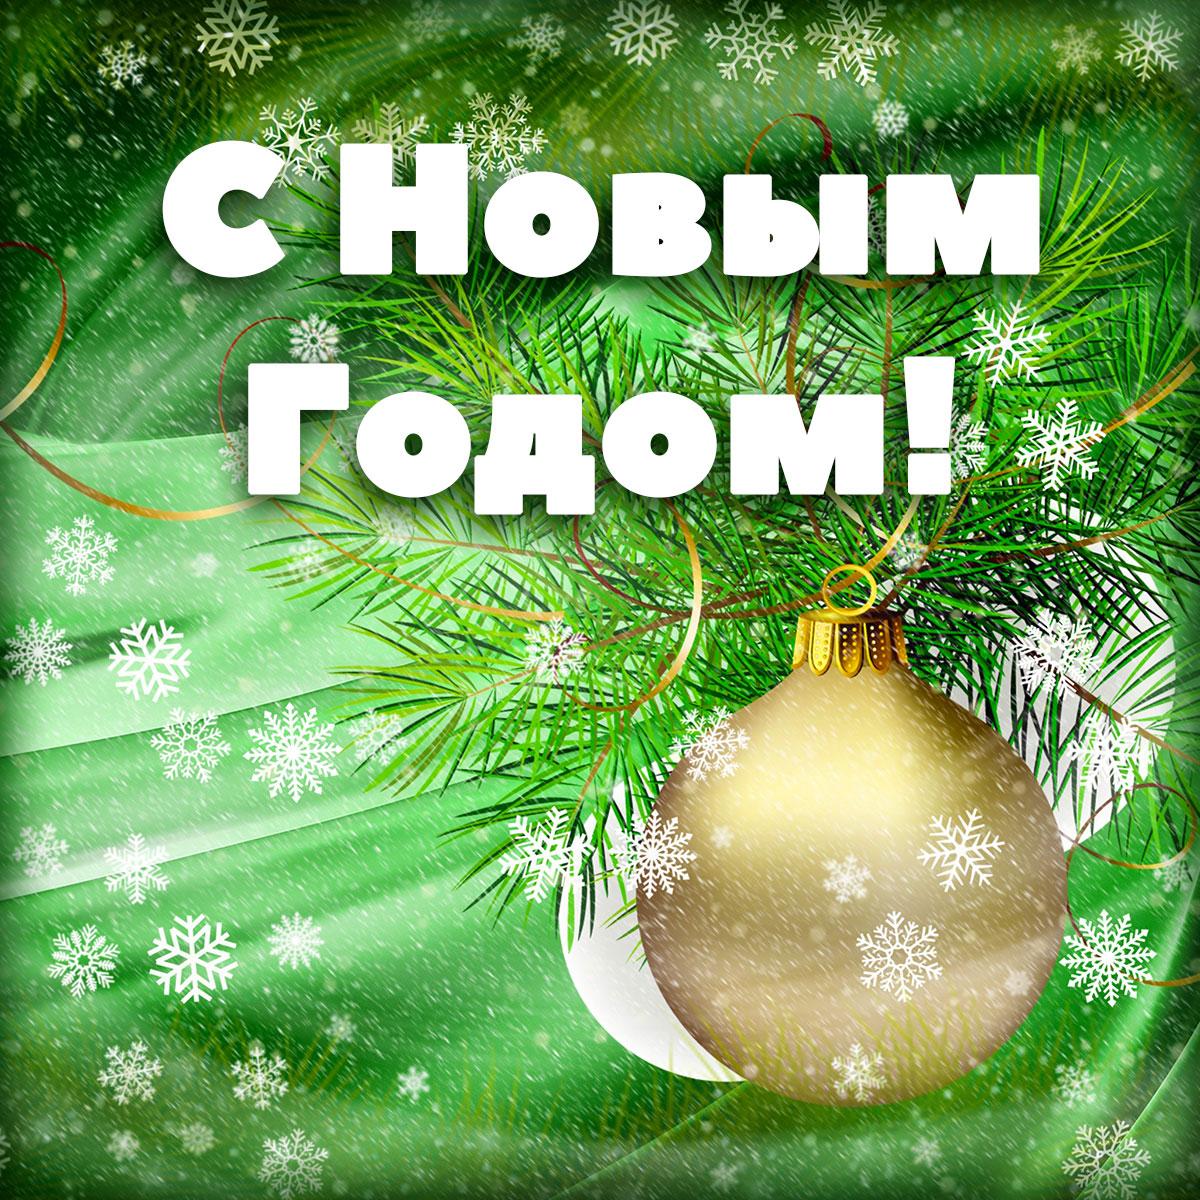 Зелёная картинка с веткой ёлки, снежинками и рождественскими шарами.